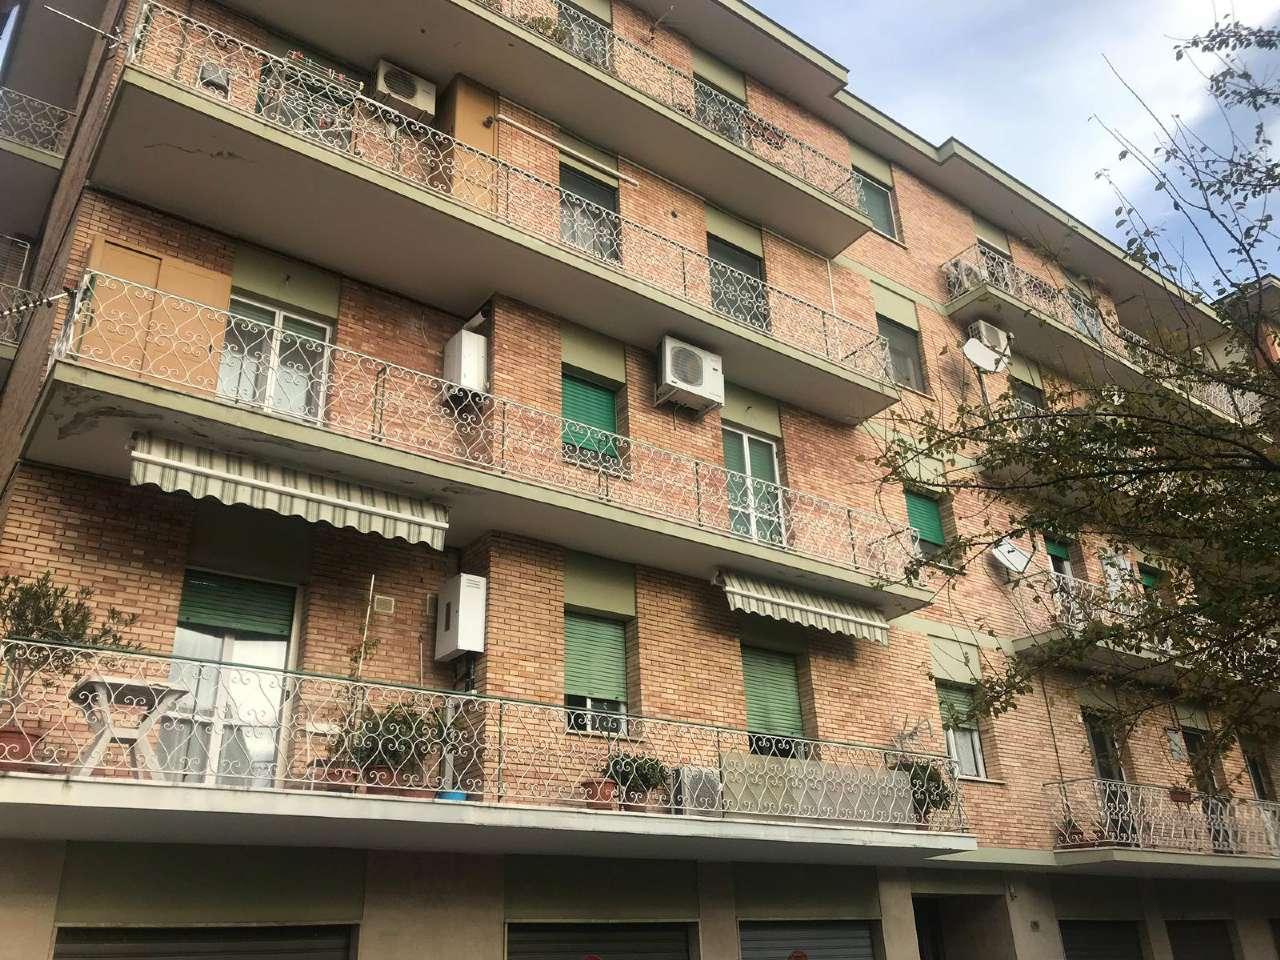 Appartamento in vendita a Chieti, 4 locali, prezzo € 95.000 | PortaleAgenzieImmobiliari.it